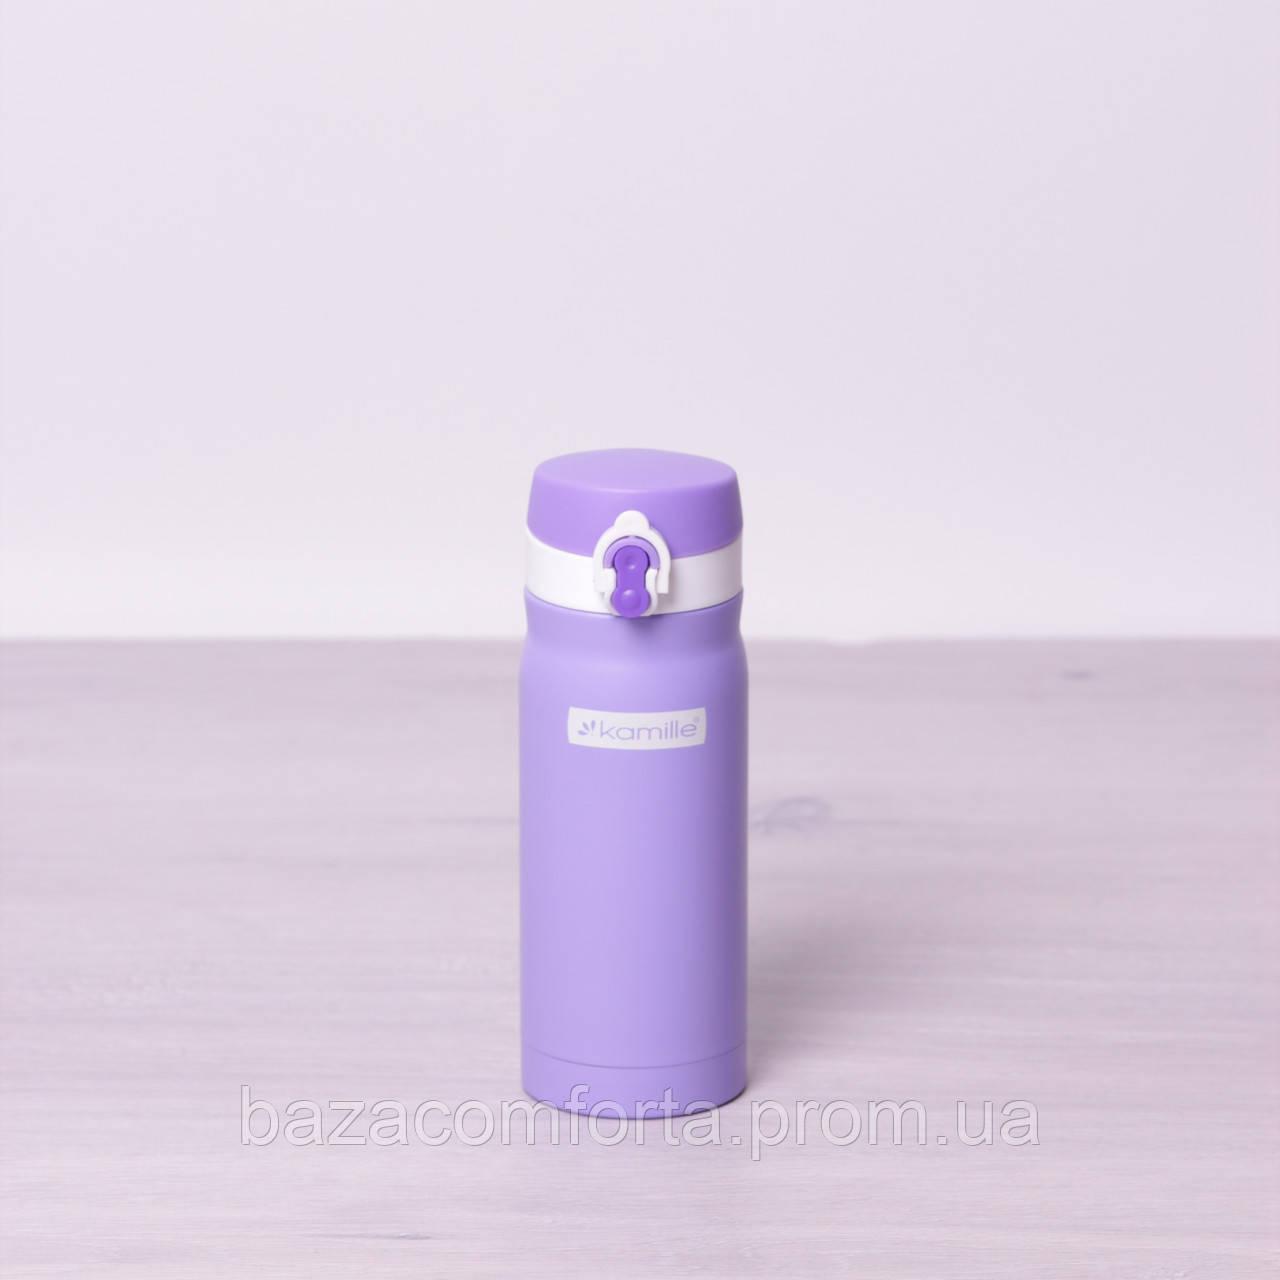 Термос-бутылка 2005 из нержавеющей стали Kamille 360мл